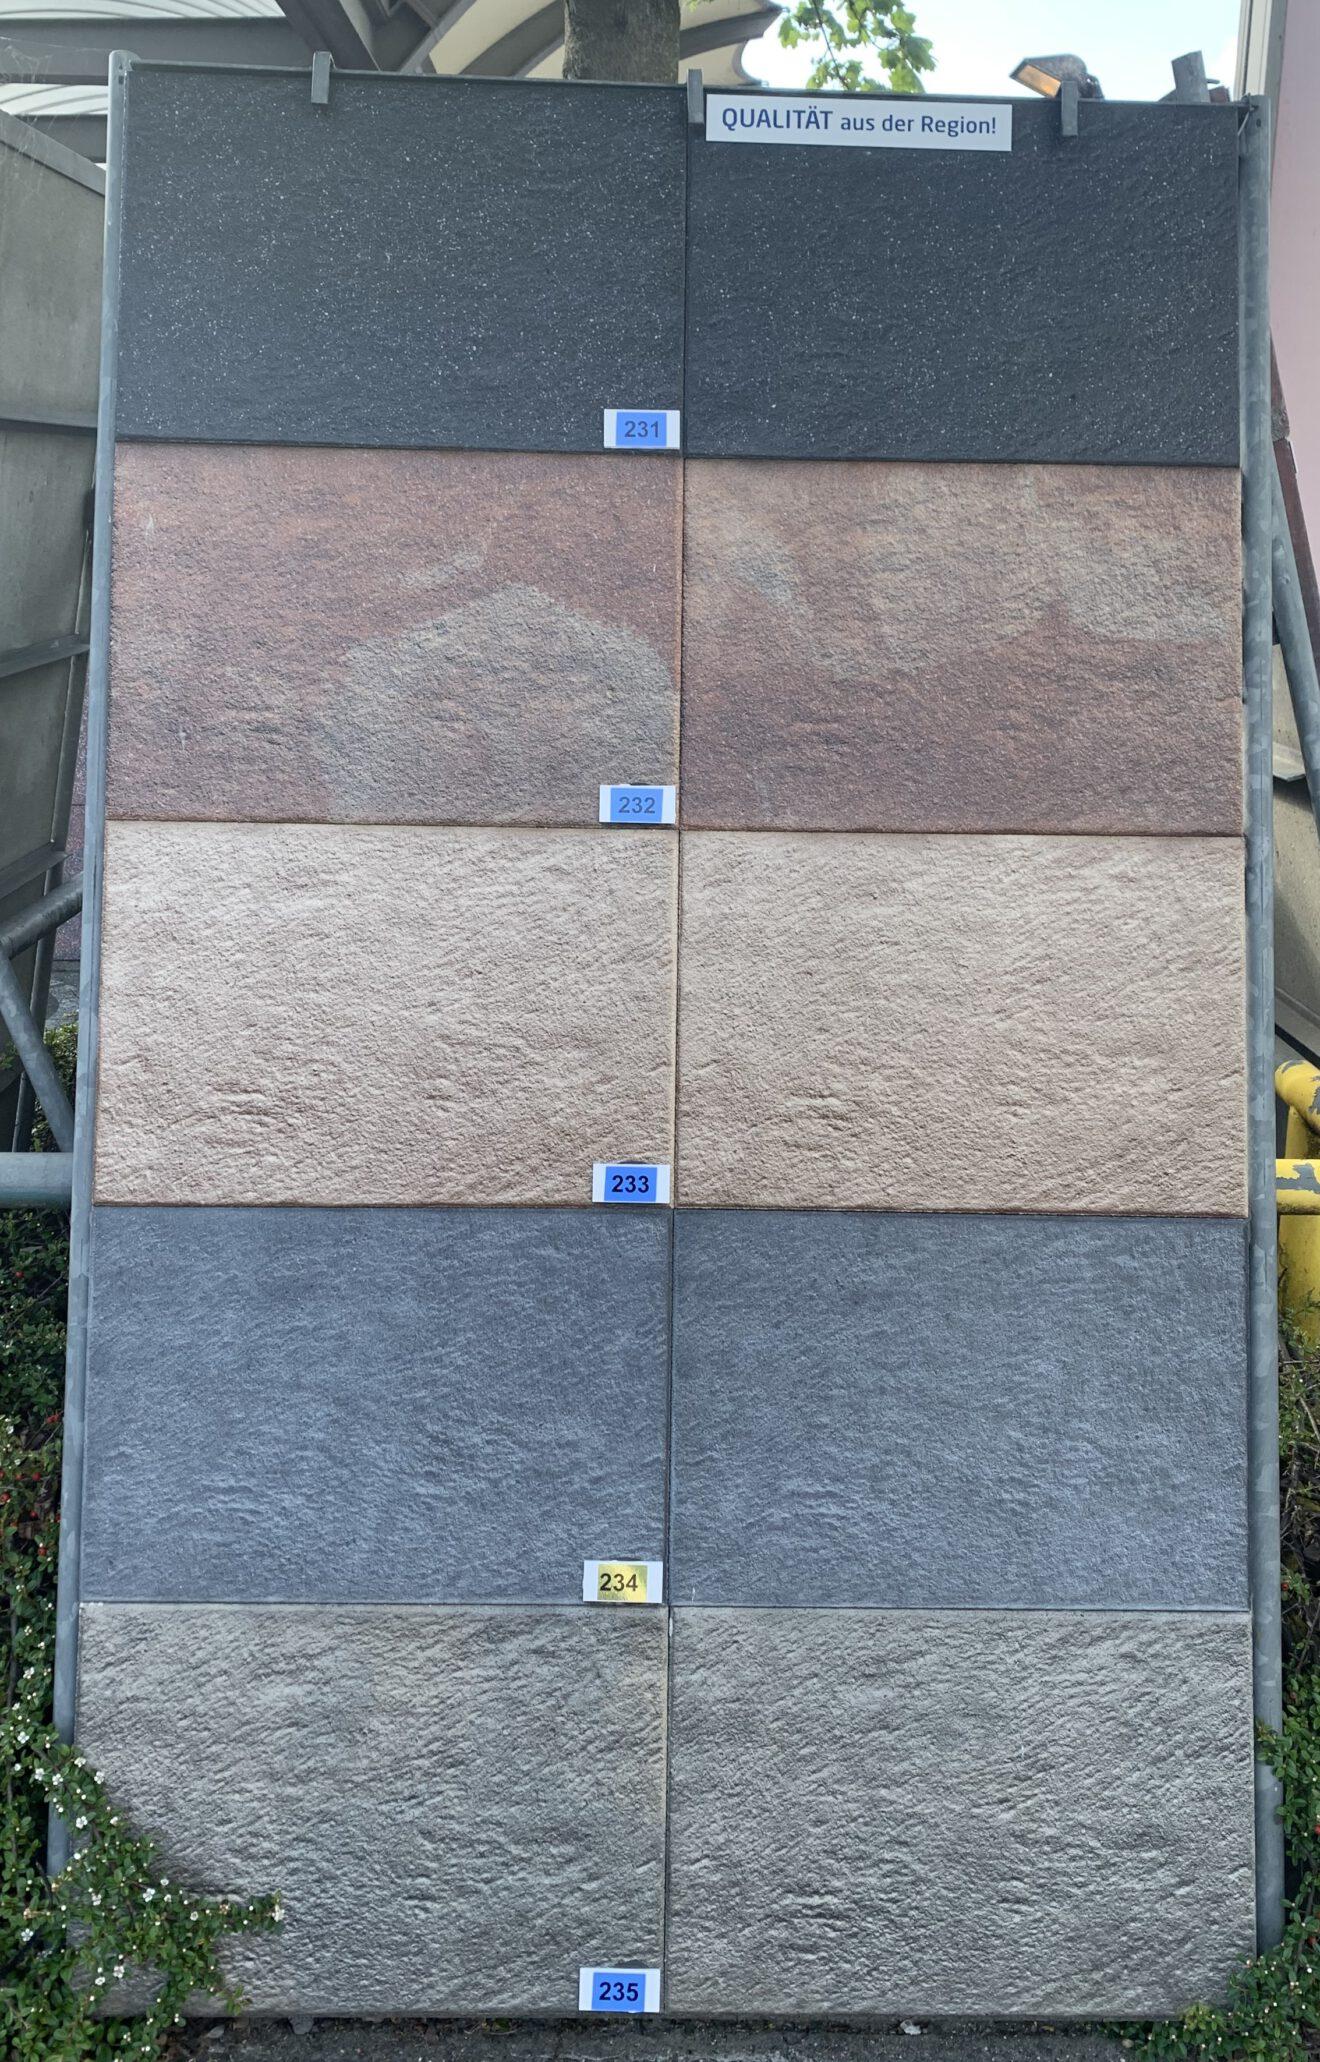 Gartenplatte Novagranit rot - schwarz von Bartels bei Stolzenbach Baustoffe in Bremen kaufen